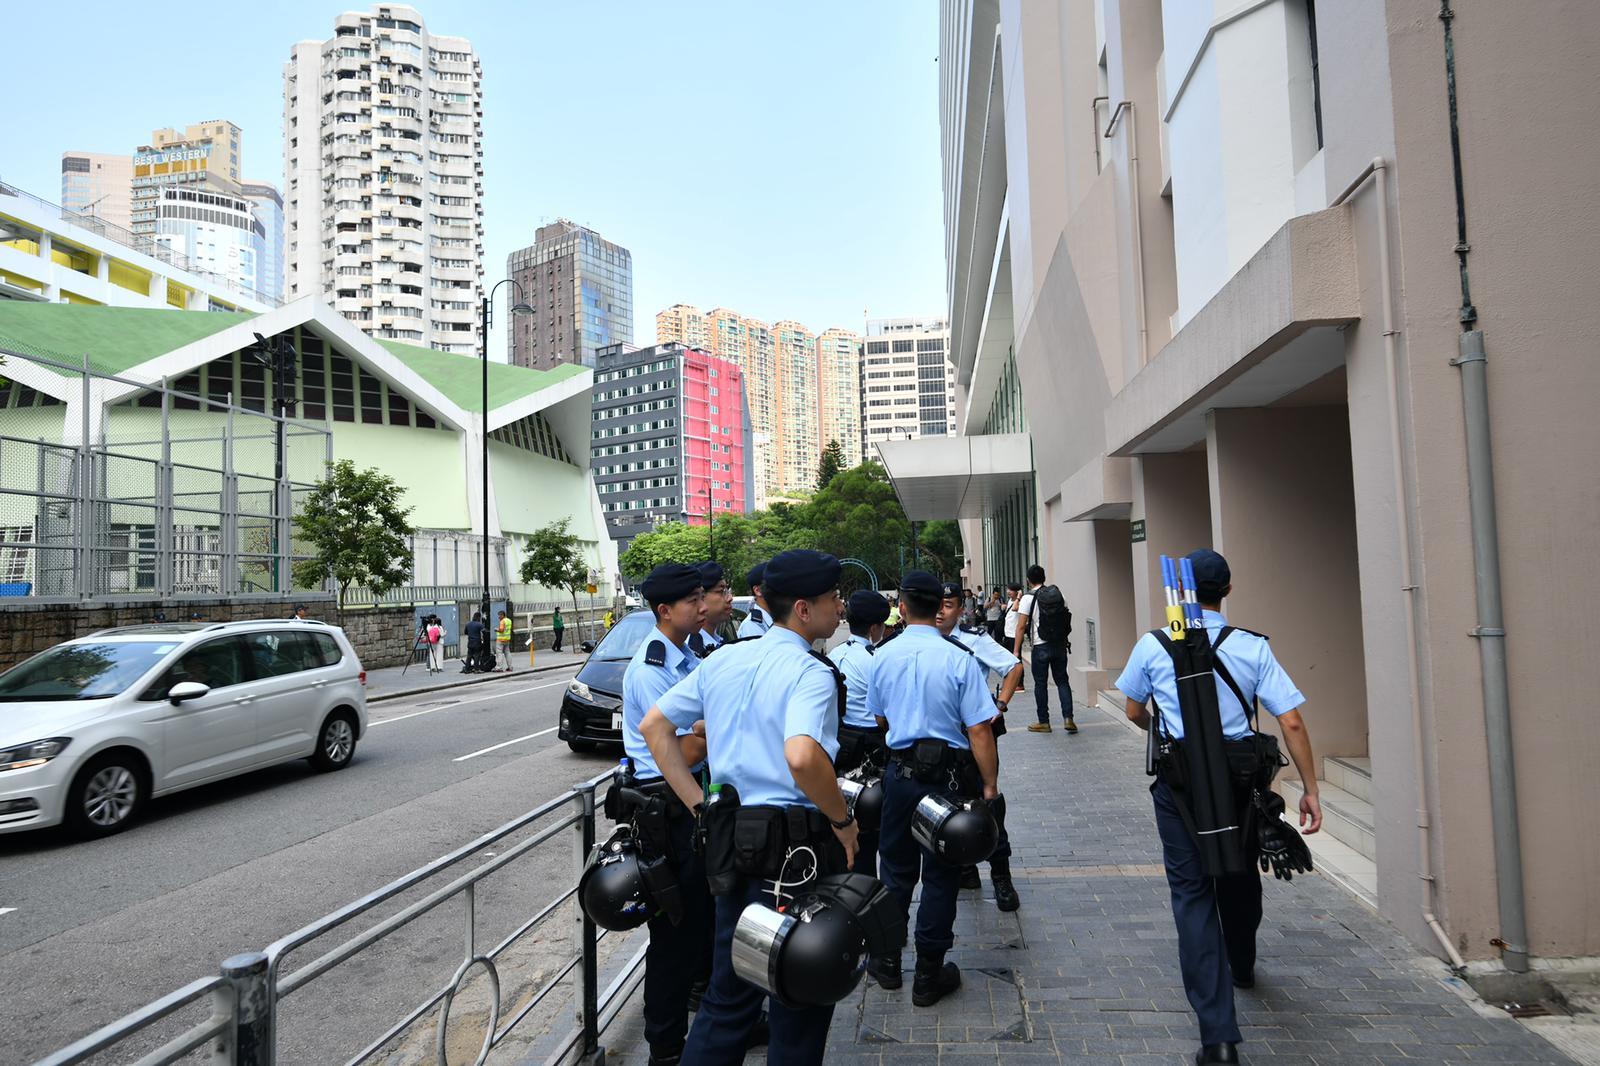 【修例风波】伊馆外围大批警察巡逻 警员配备防暴弹药胡椒水剂